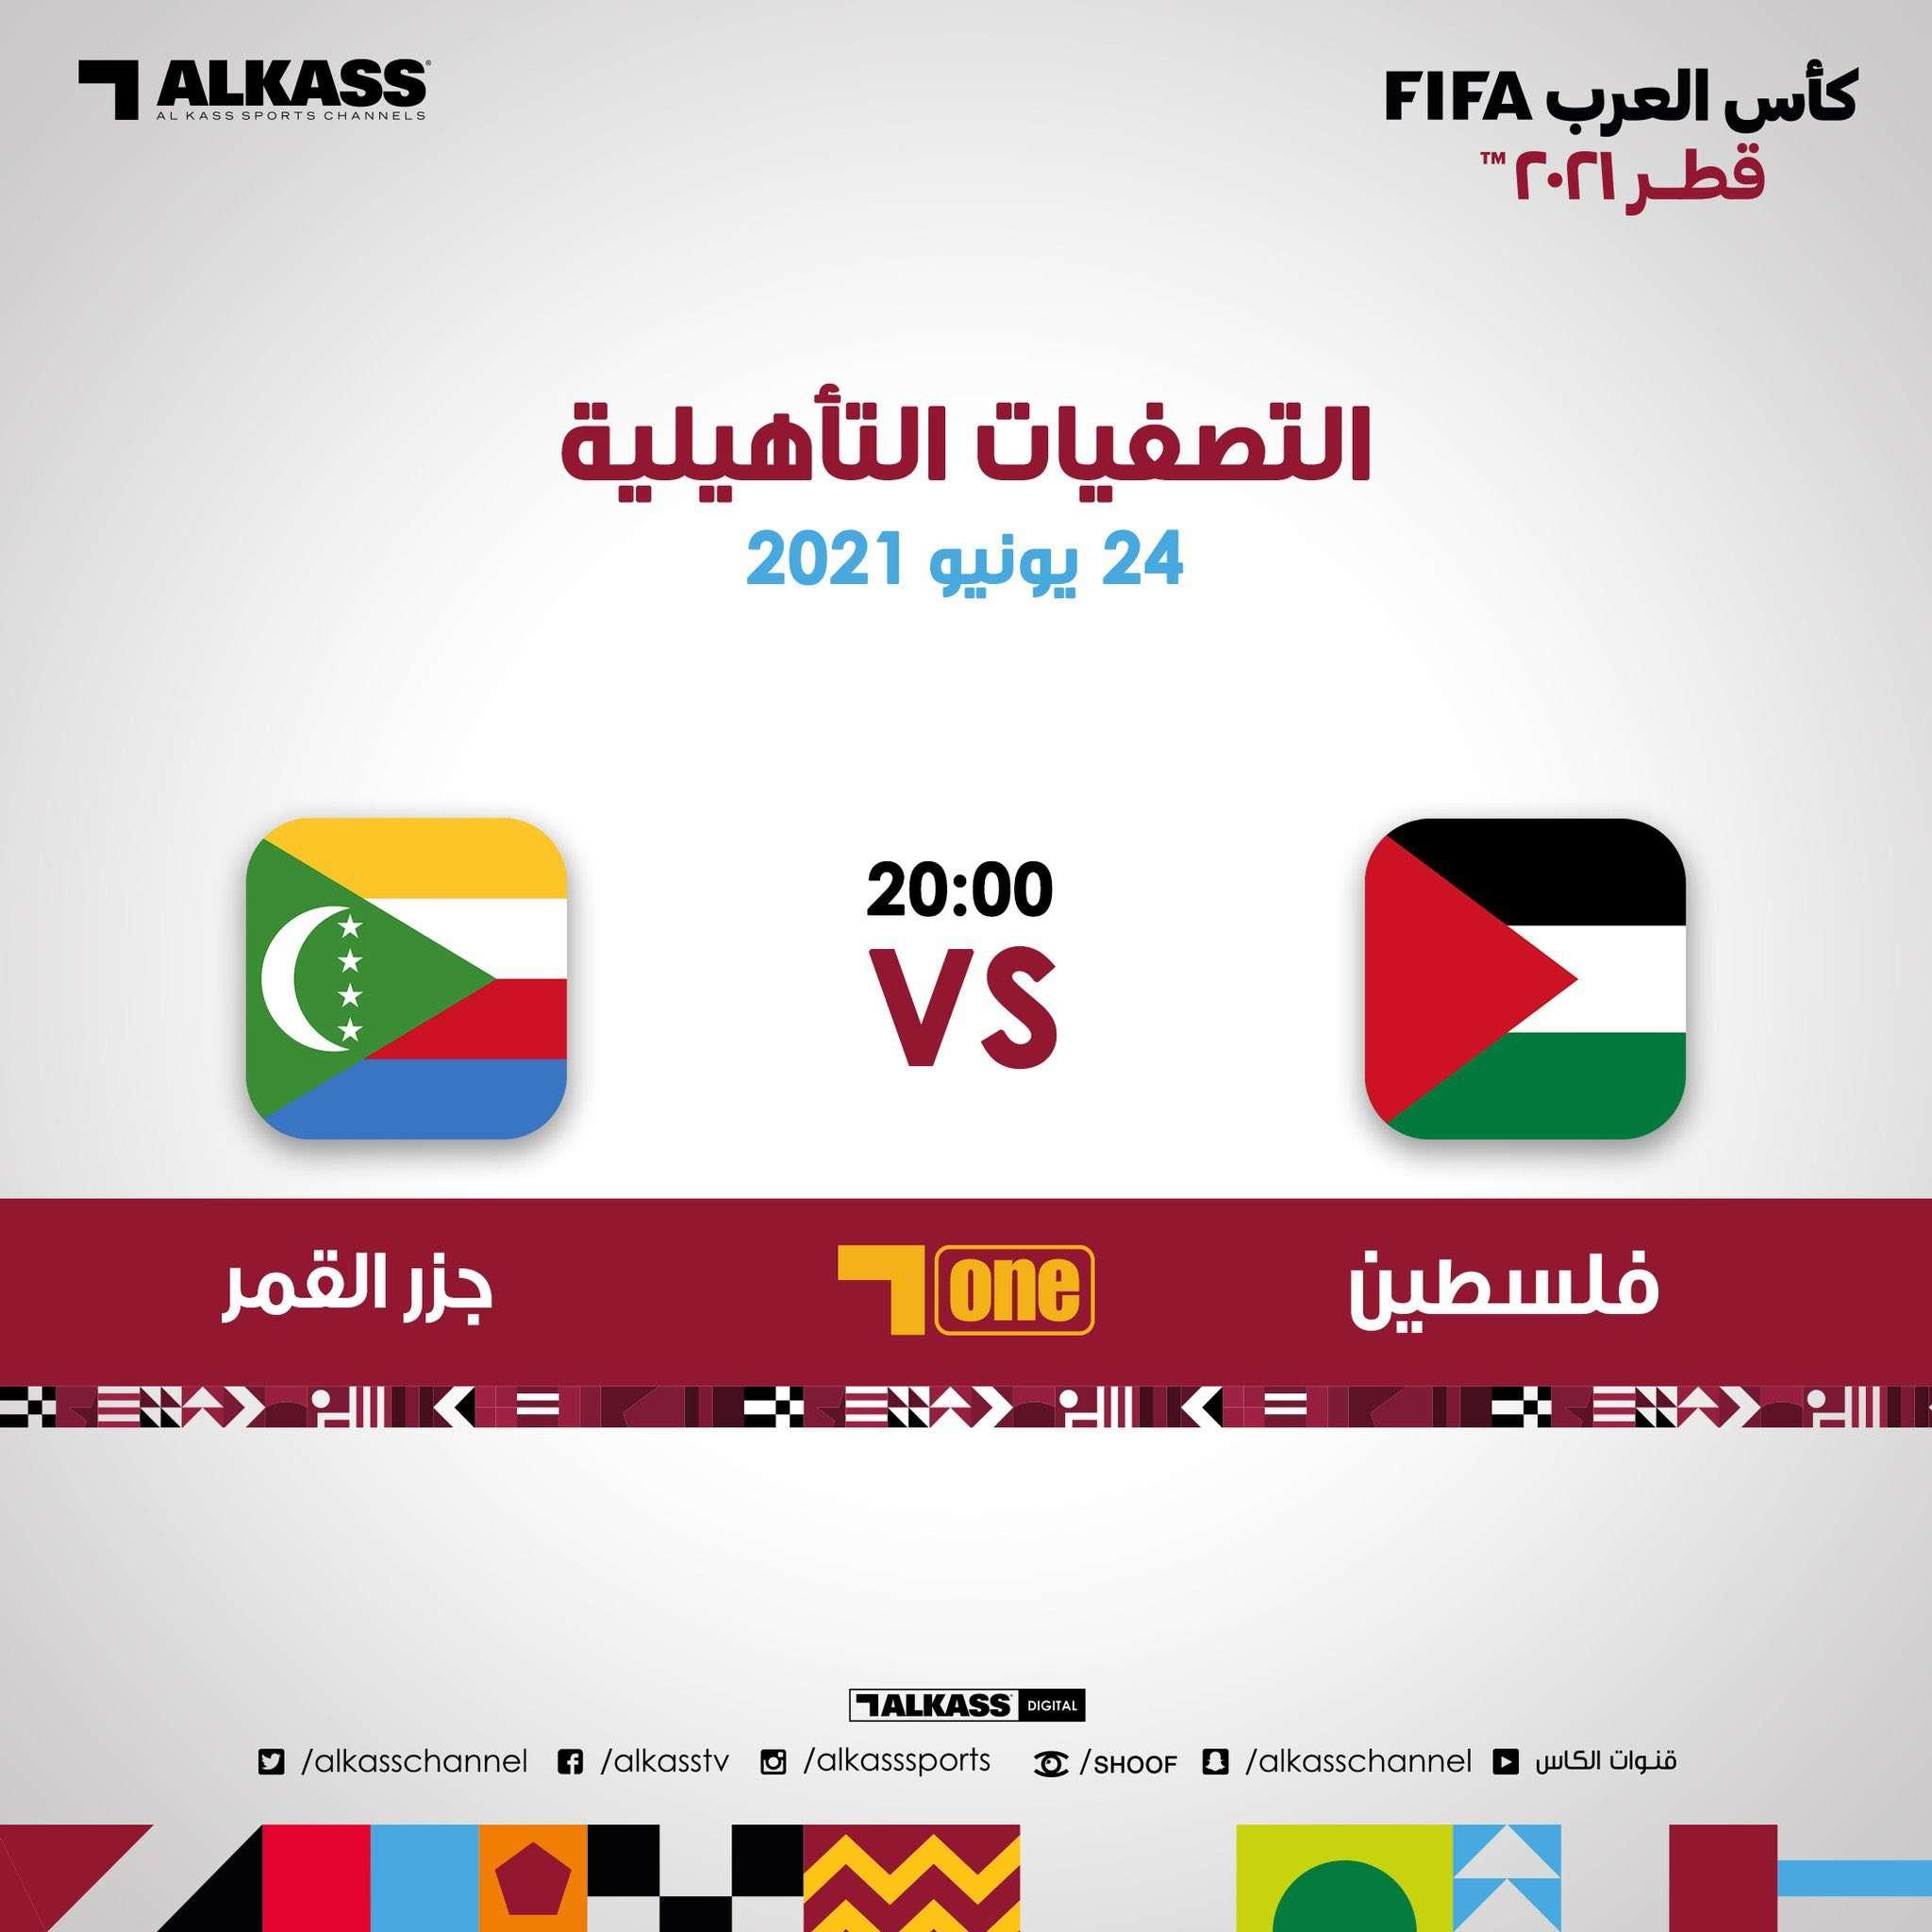 موعد مباراة فلسطين وجزر القمر